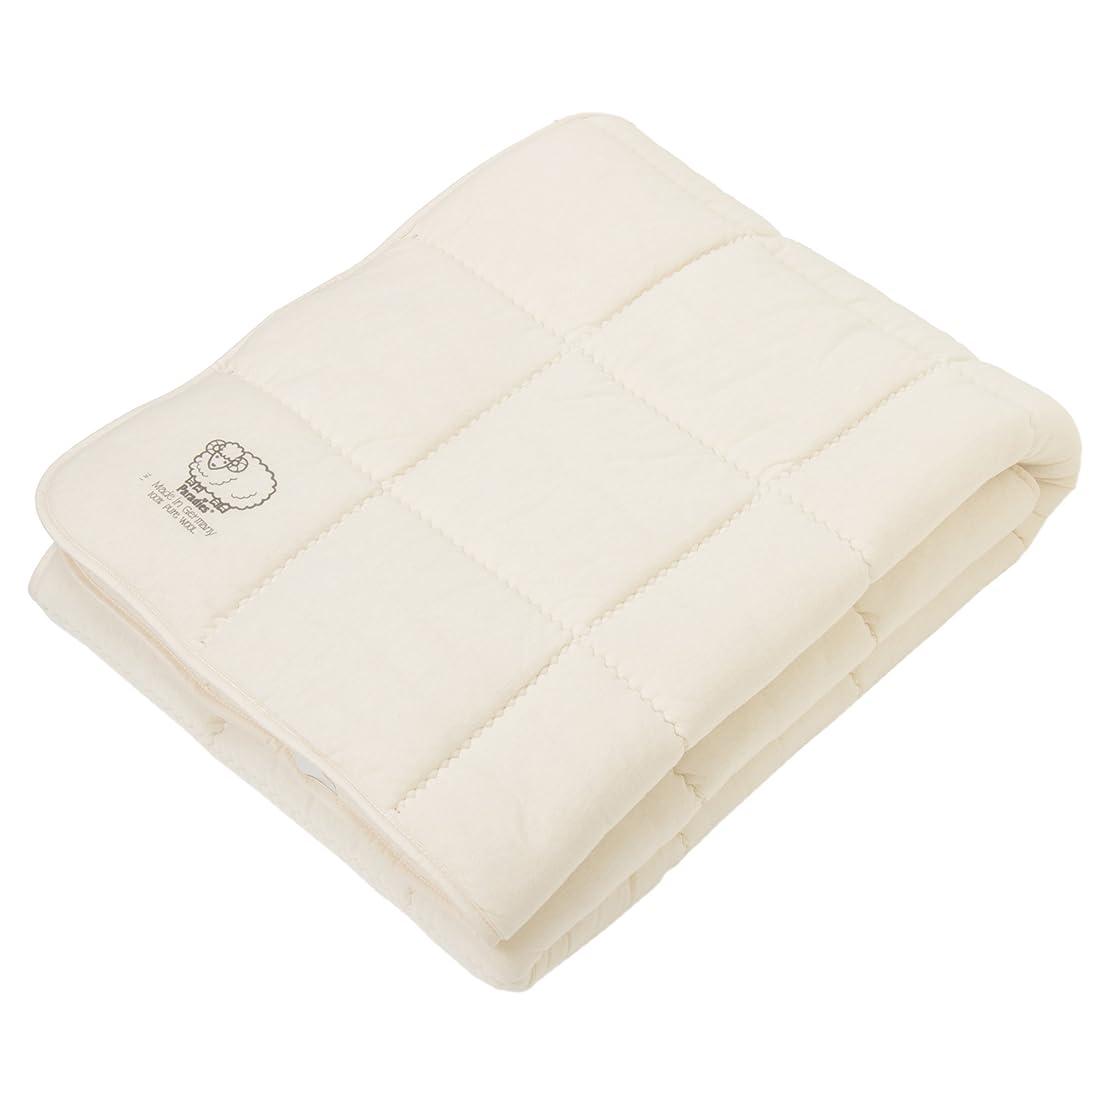 署名クレデンシャル型西川(Nishikawa) ベッドパッド ベージュ シングル ウール さわやか 吸湿 バーデンバーデン ドイツ製 CM07209022BE